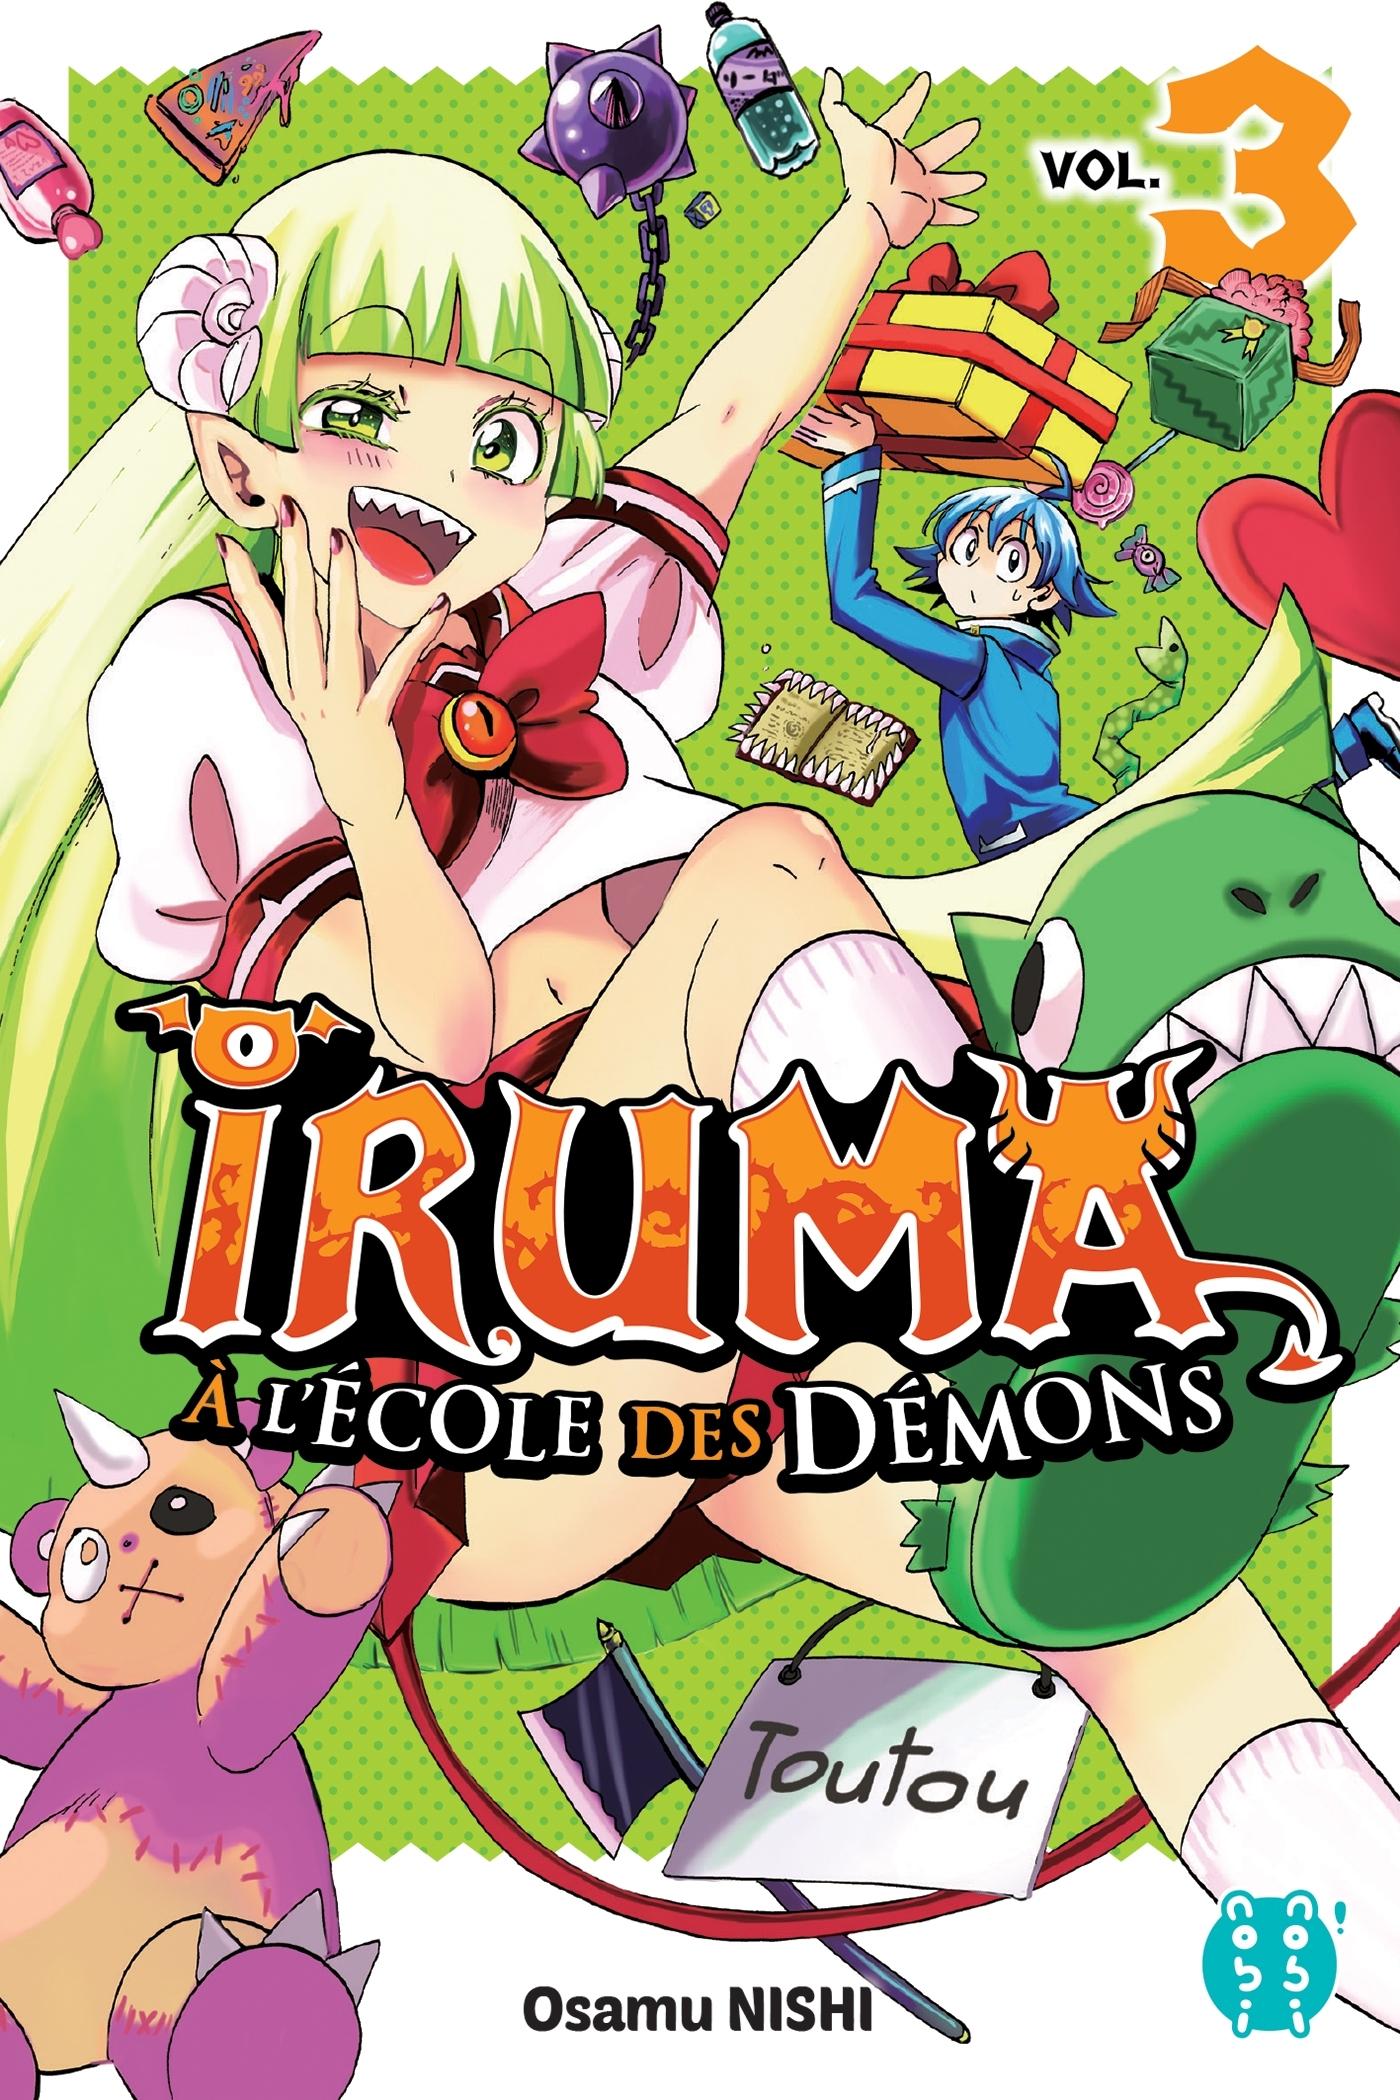 IRUMA A L'ECOLE DES DEMONS T03